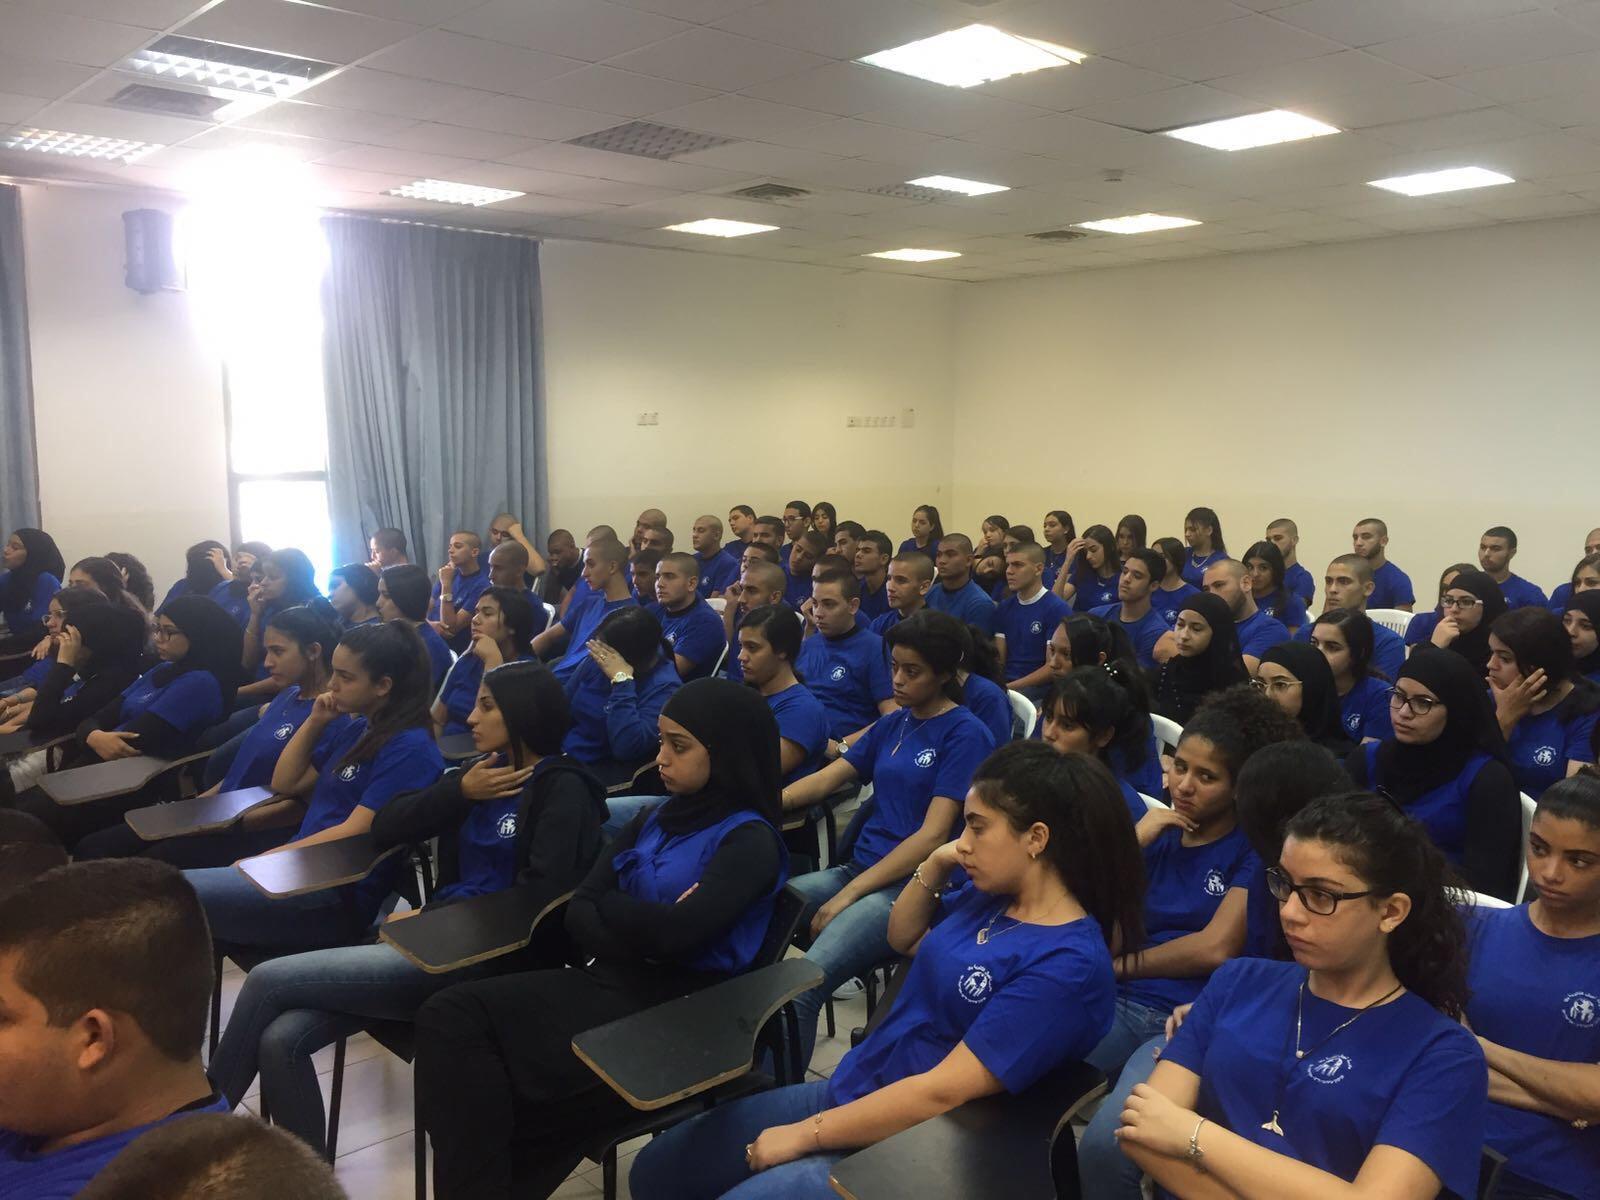 يافا: مشروع يافا المستقبل في ثانوية أجيال